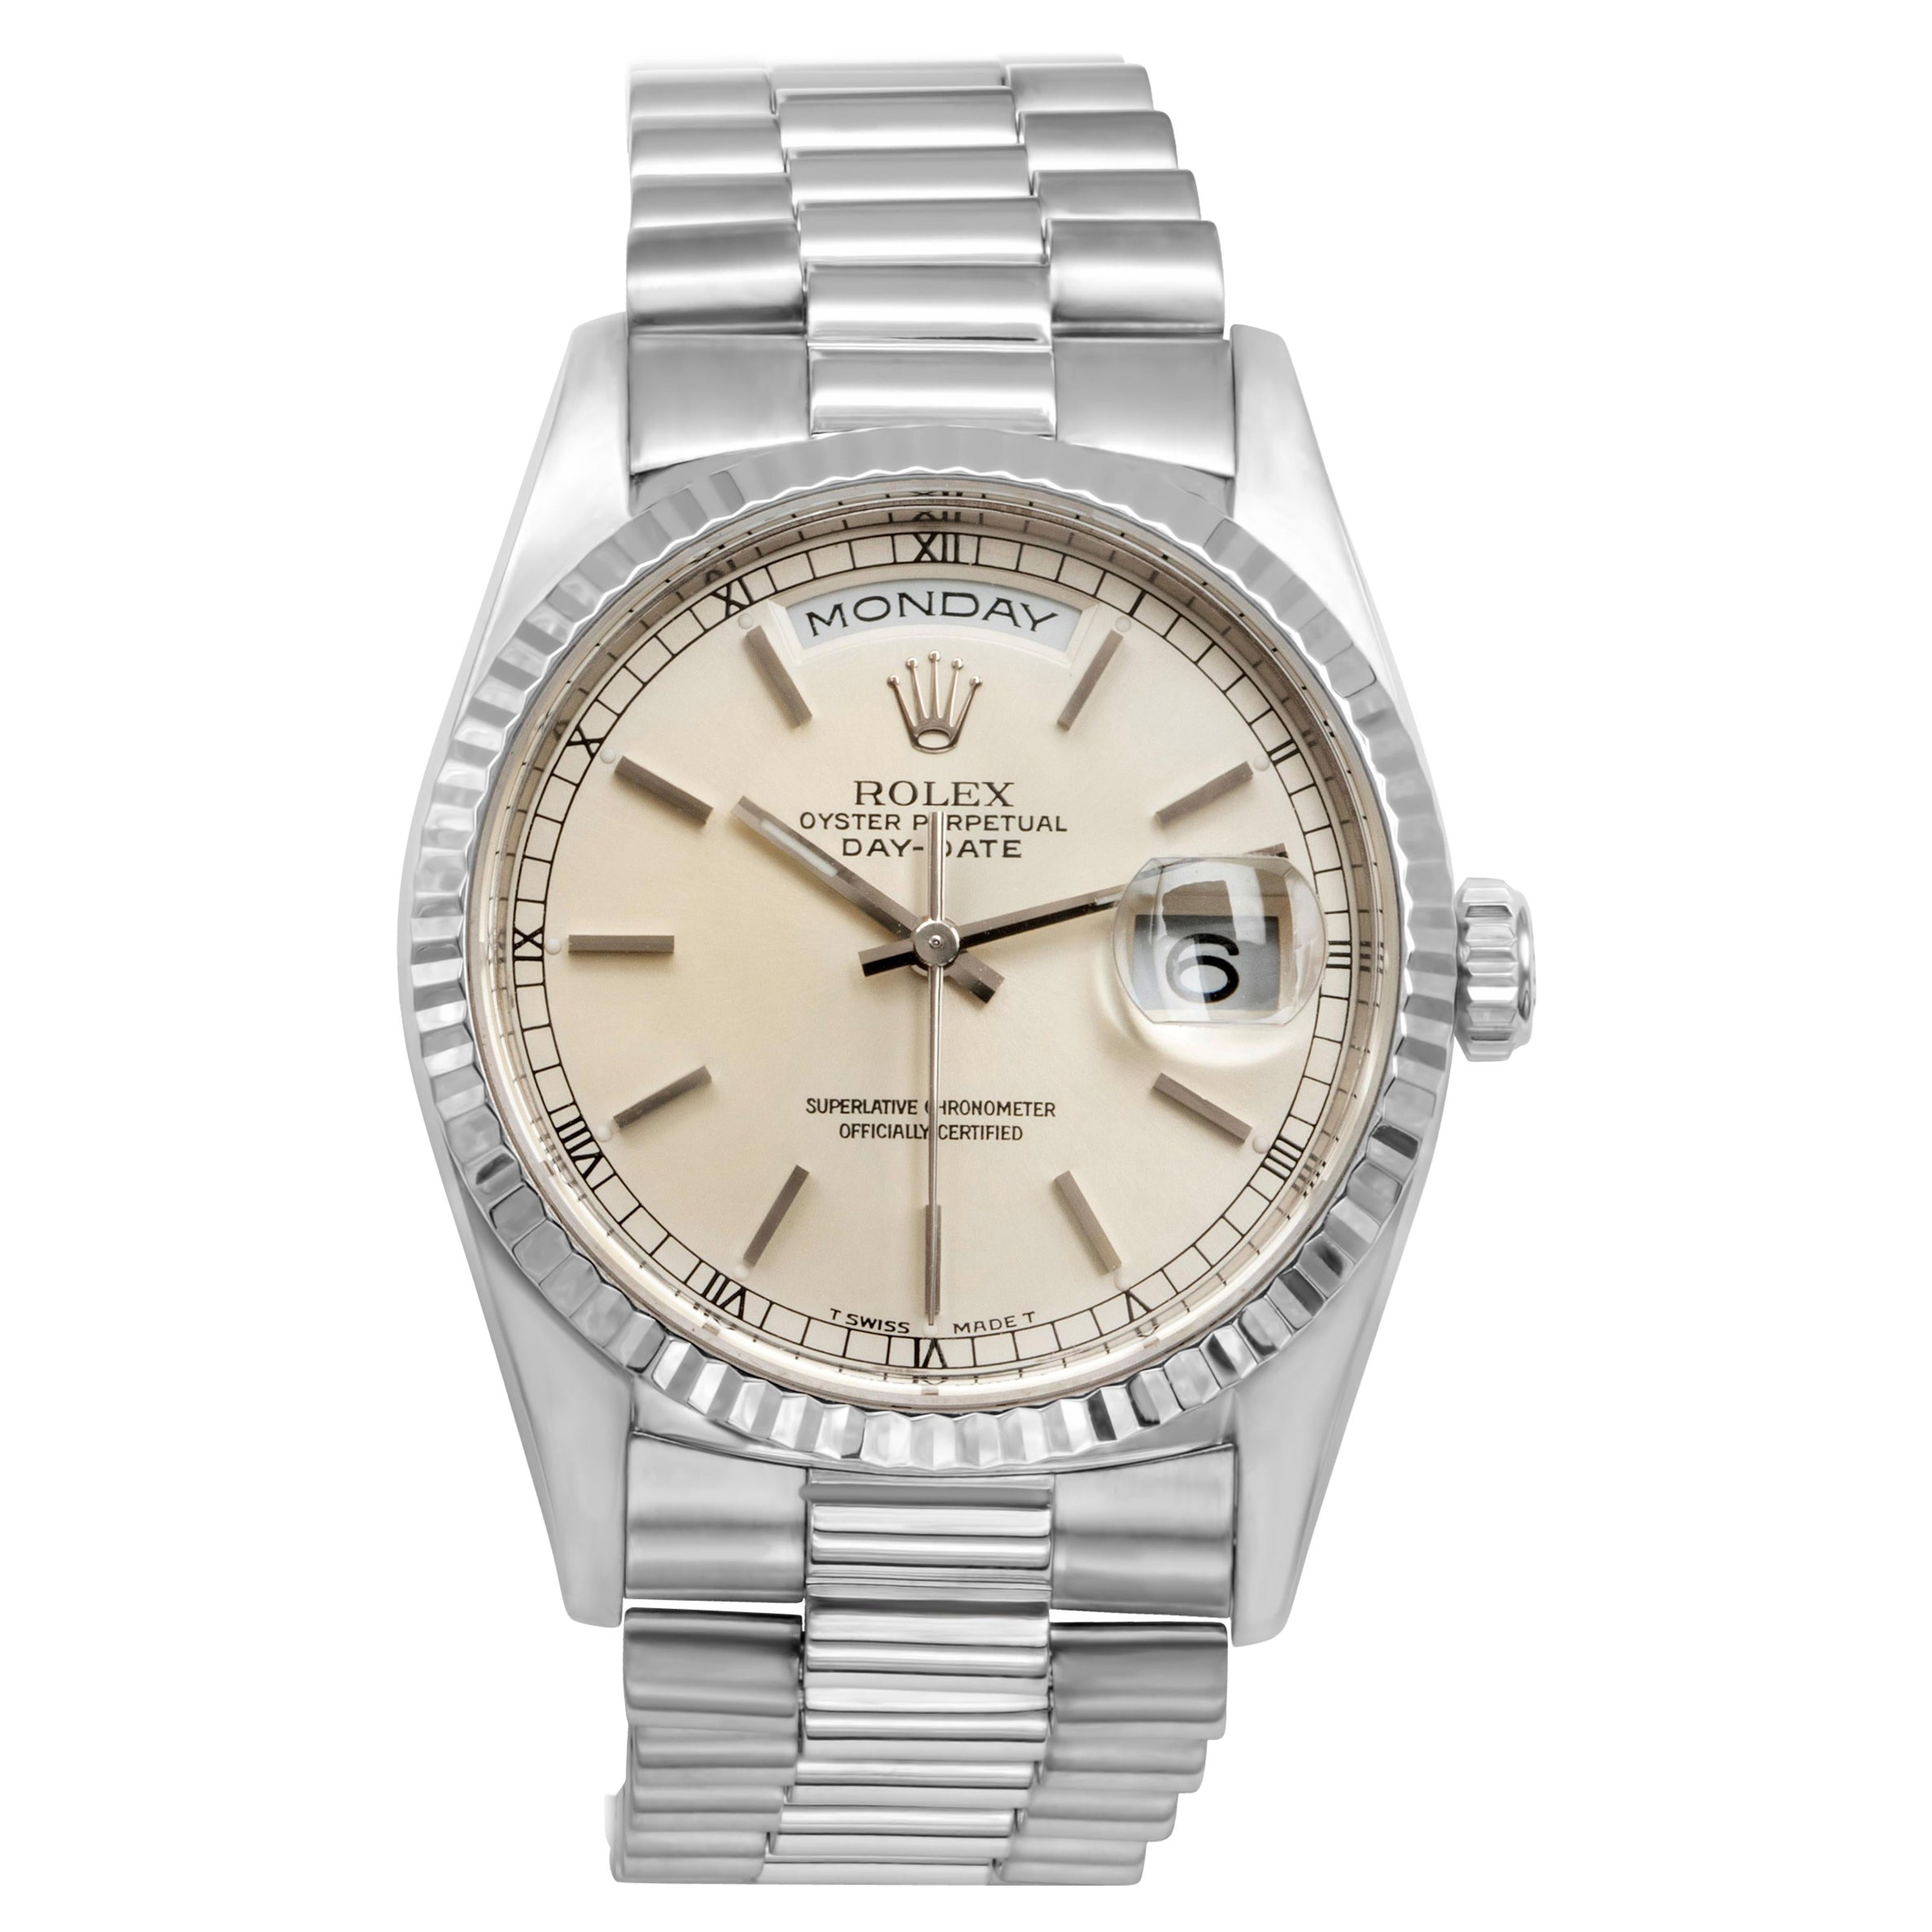 Rolex Day-Date White Gold Wristwatch Ref. 18239